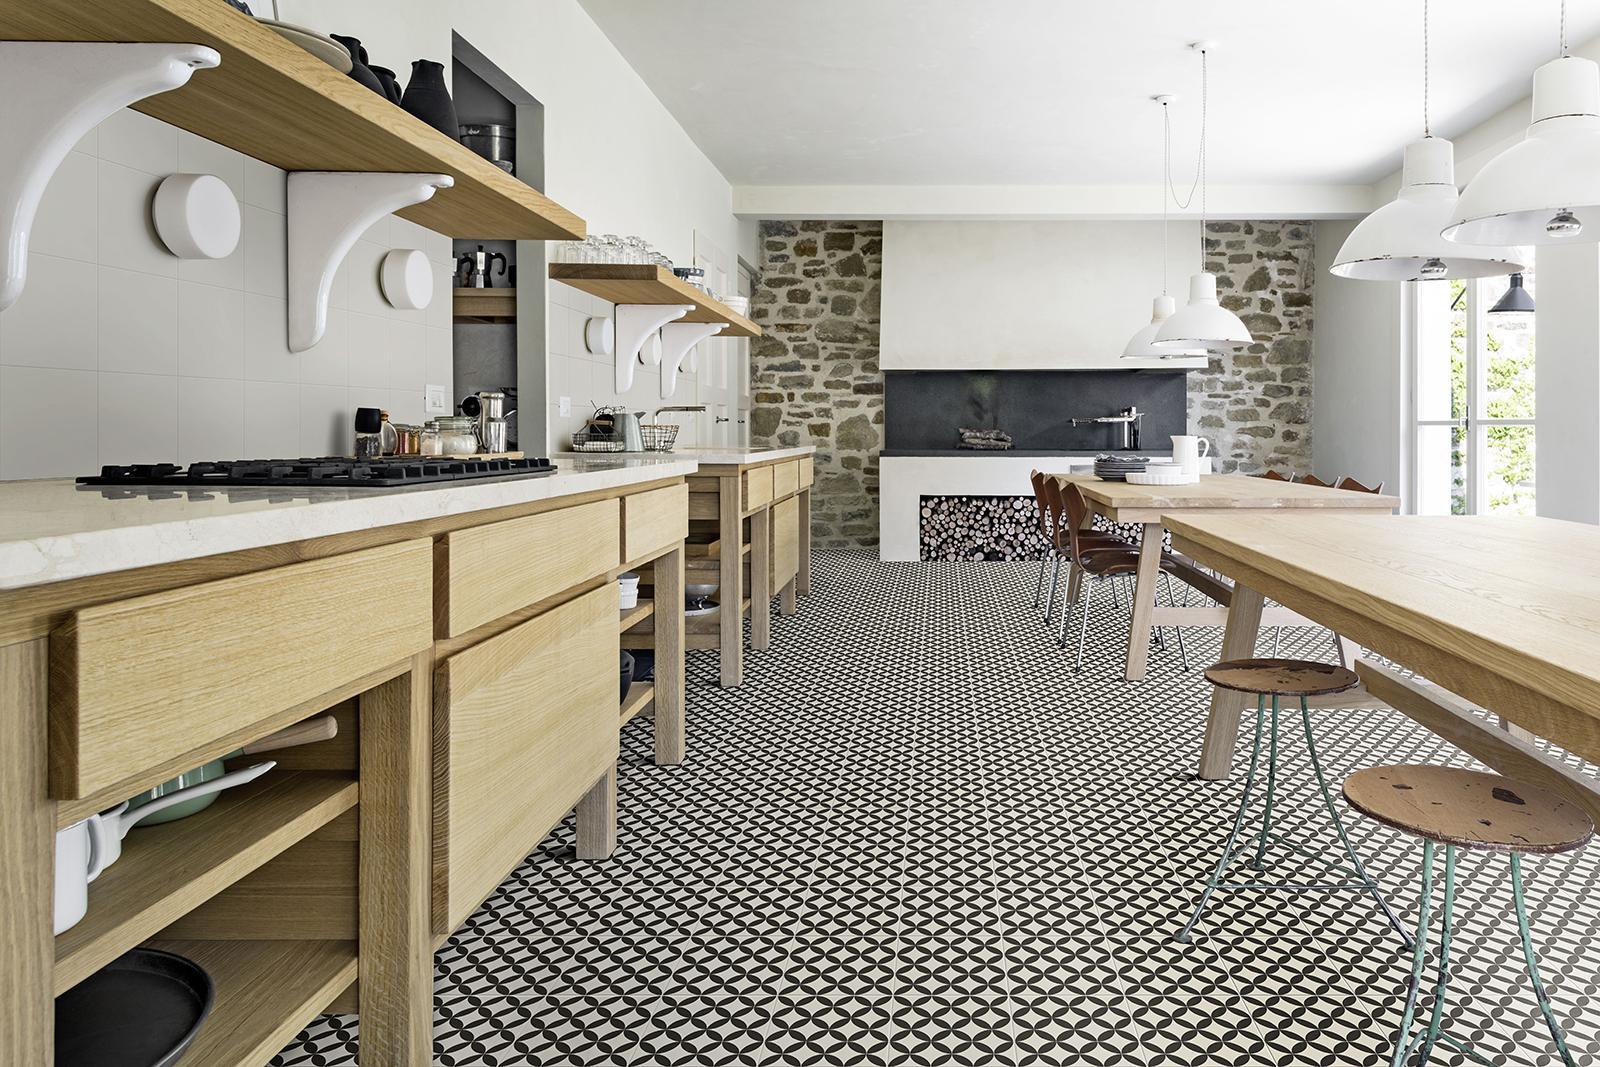 Full Size of Küchenboden Vinyl Fürs Bad Vinylboden Wohnzimmer Küche Im Verlegen Badezimmer Wohnzimmer Küchenboden Vinyl